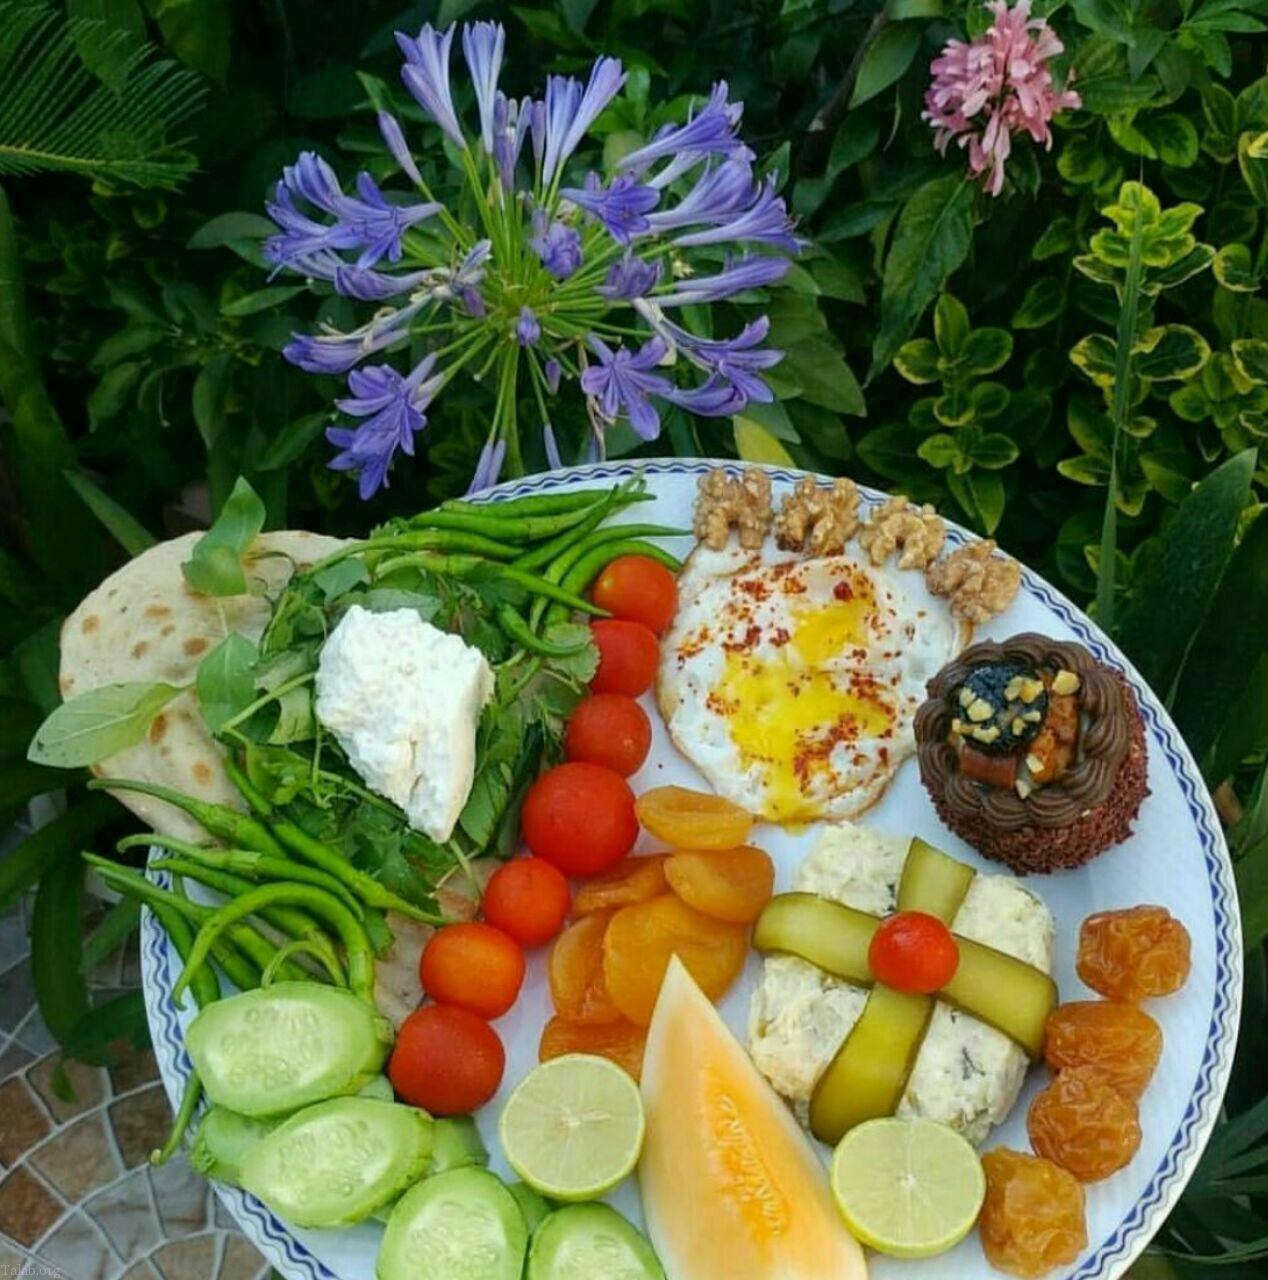 بهترین نکات برای داشتن یک عصرانه مقوی و مفید